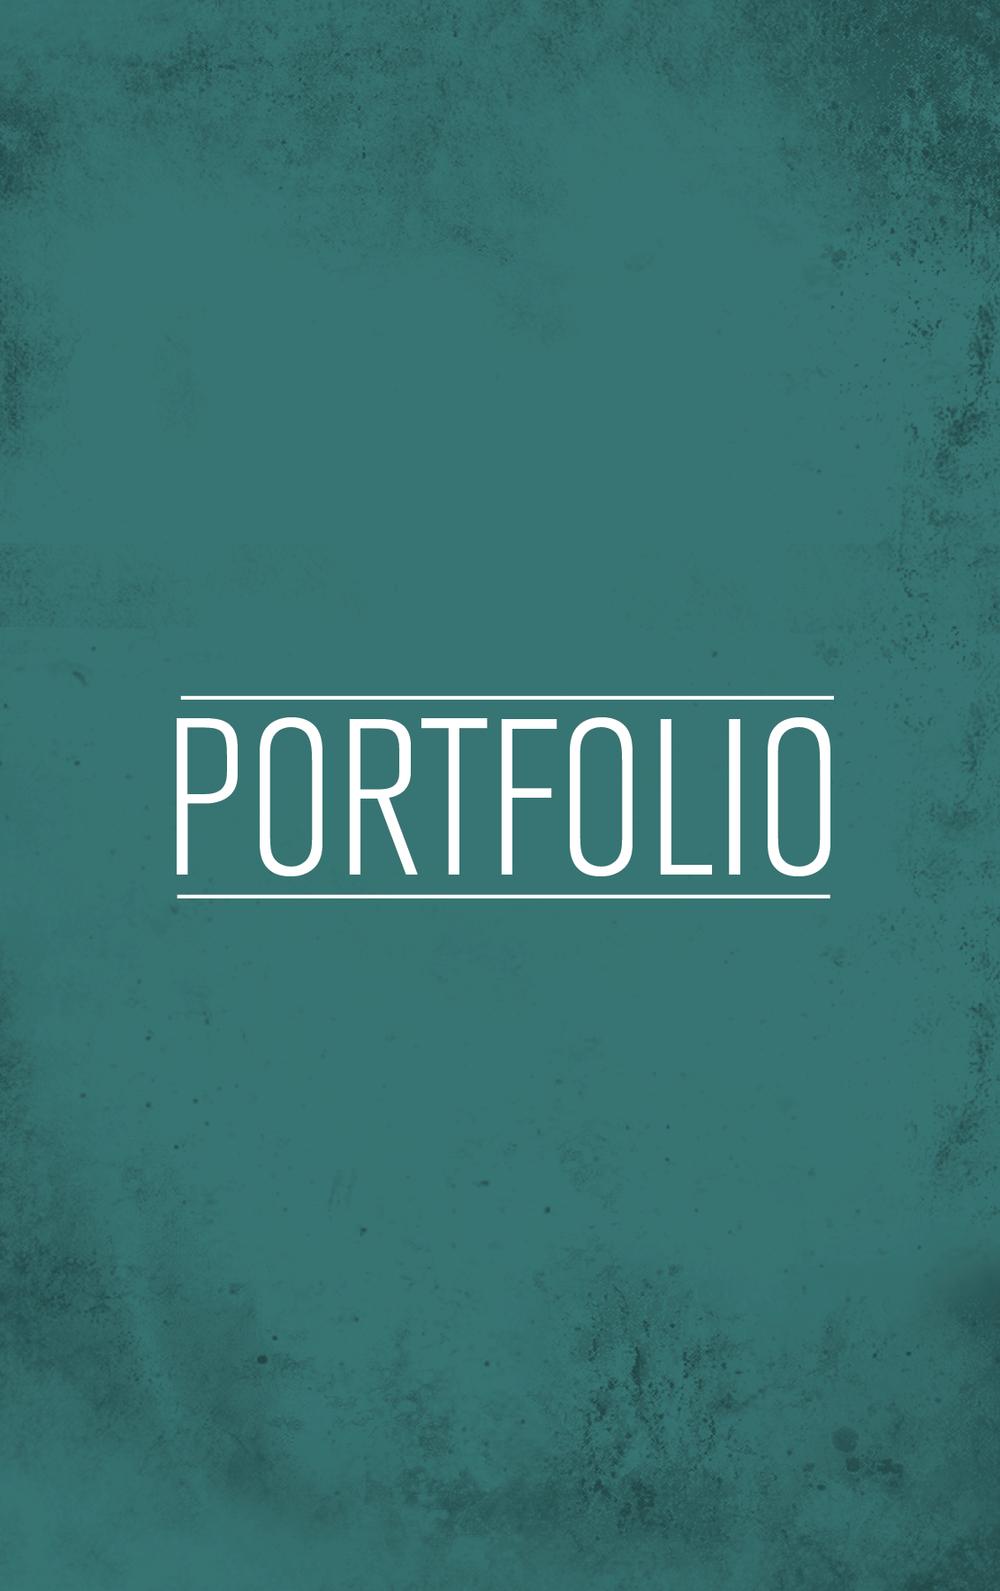 portfolio_buttons.png